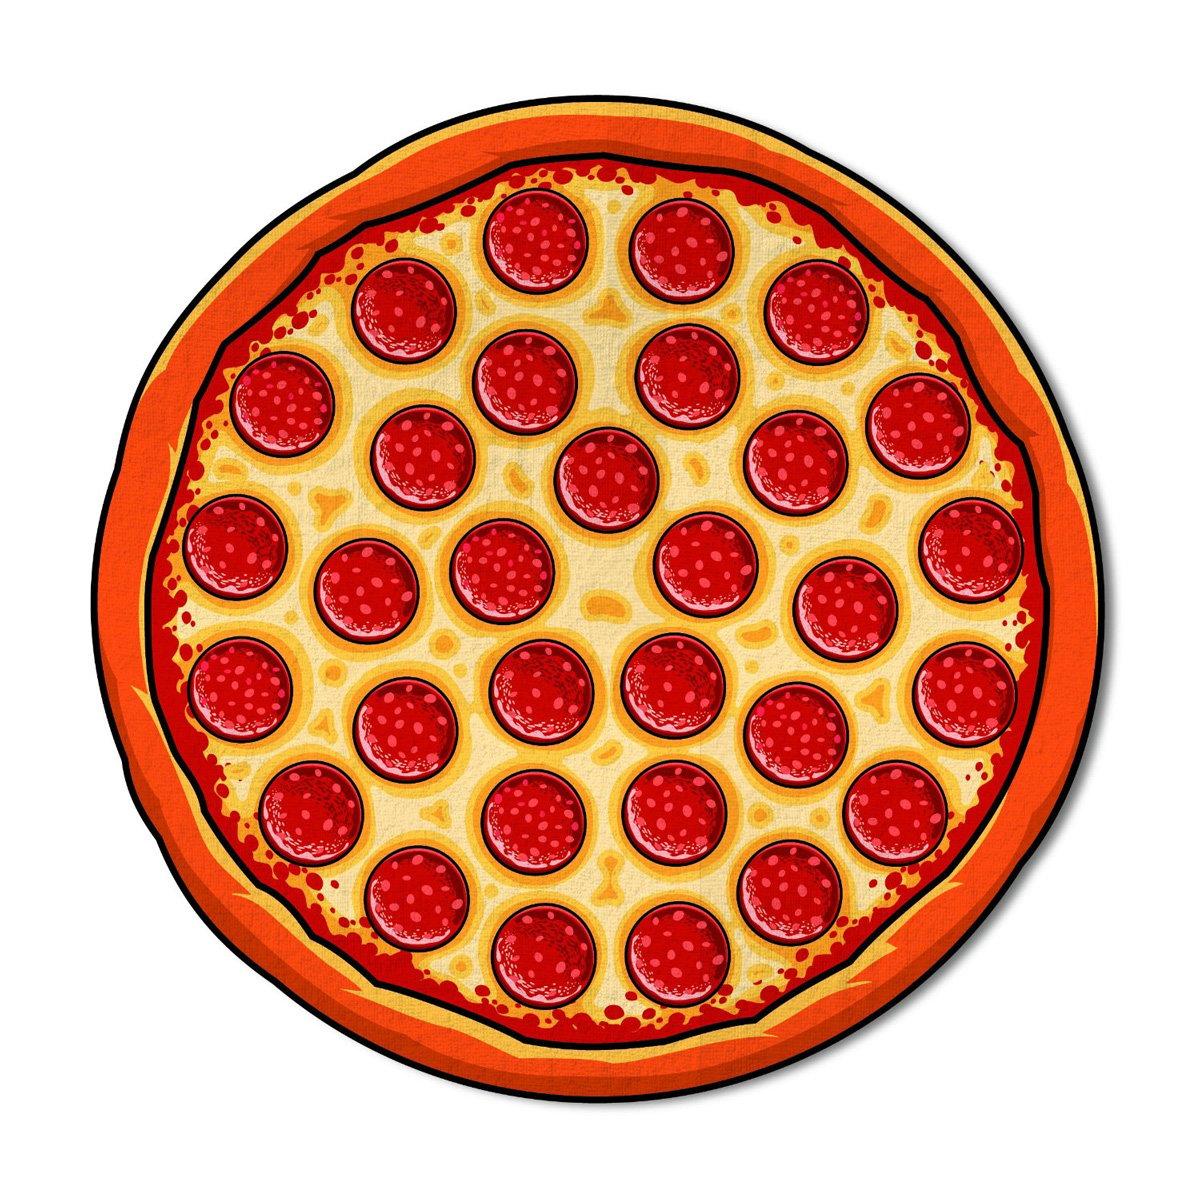 Gigantic Pepperoni Pizza Beach Blanket  The Green Head